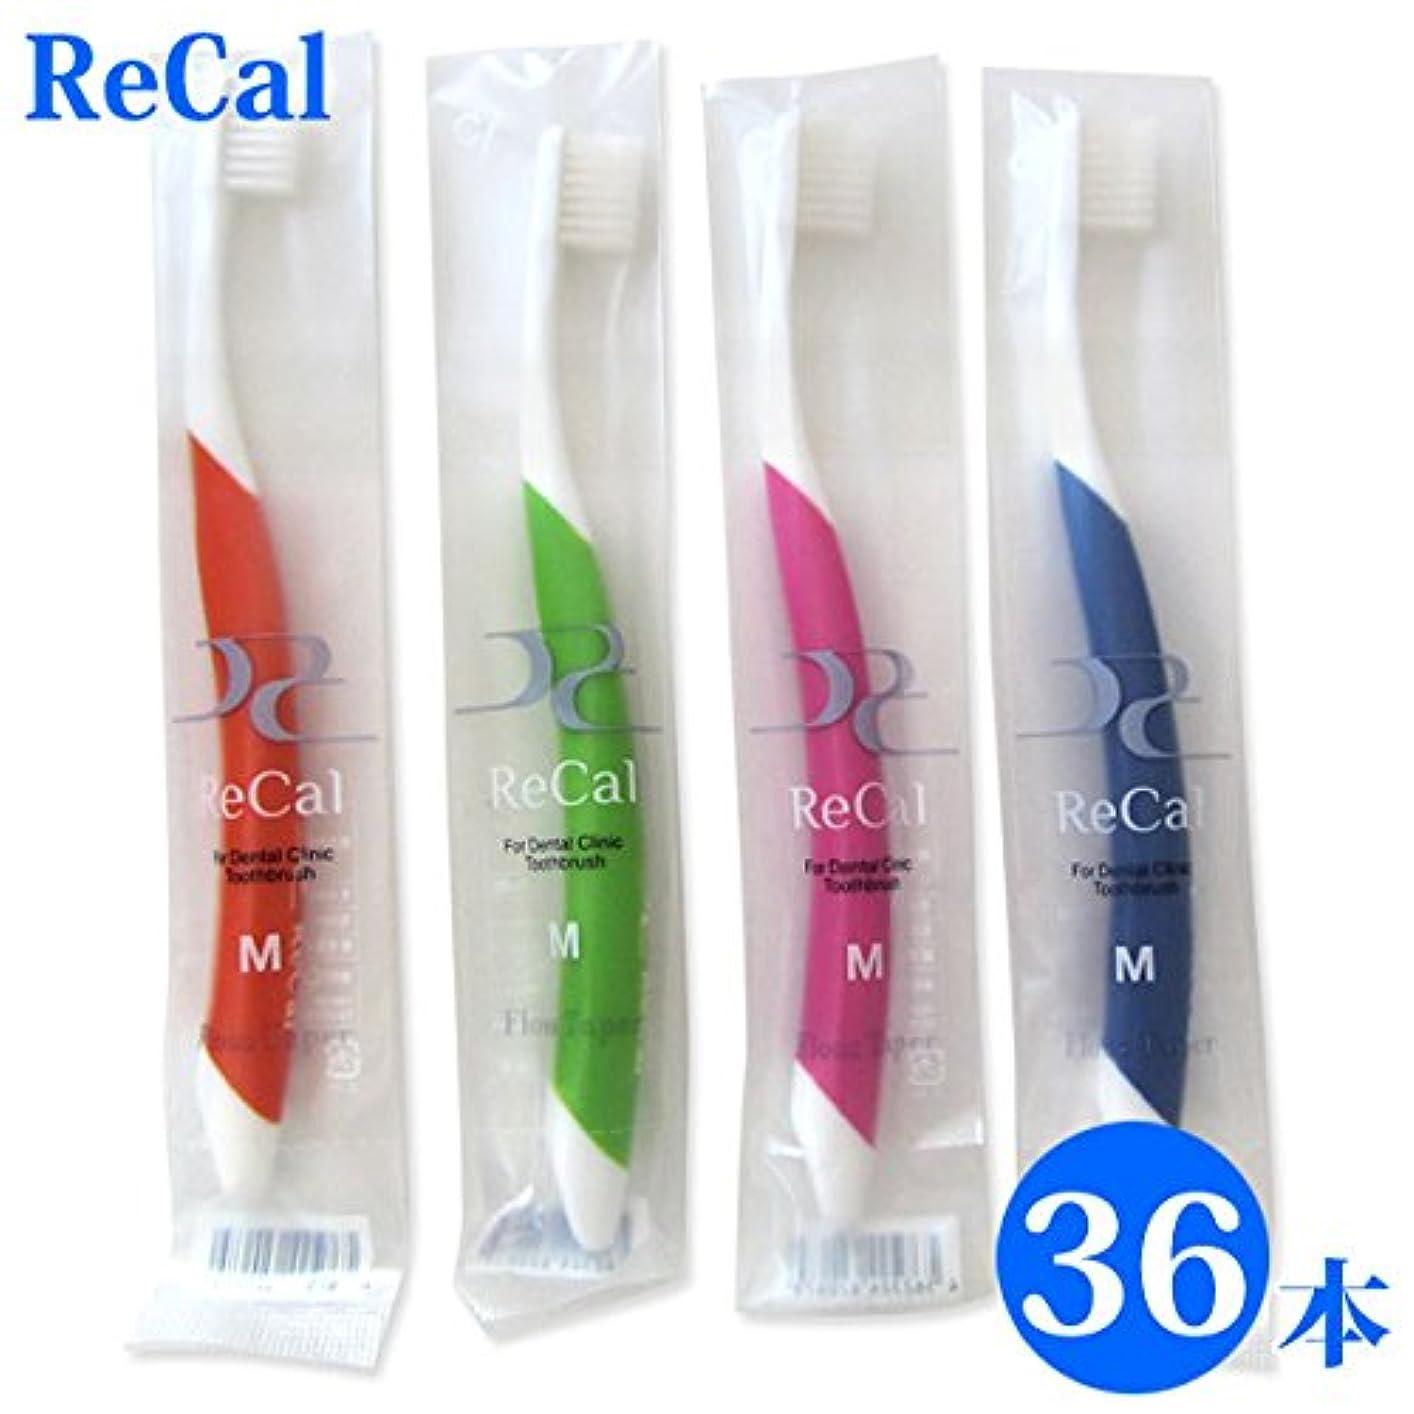 名義で法的服36本入り 歯科医院専用商品 ReCal リカル M 大人用 一般 歯ブラシ4色アソート